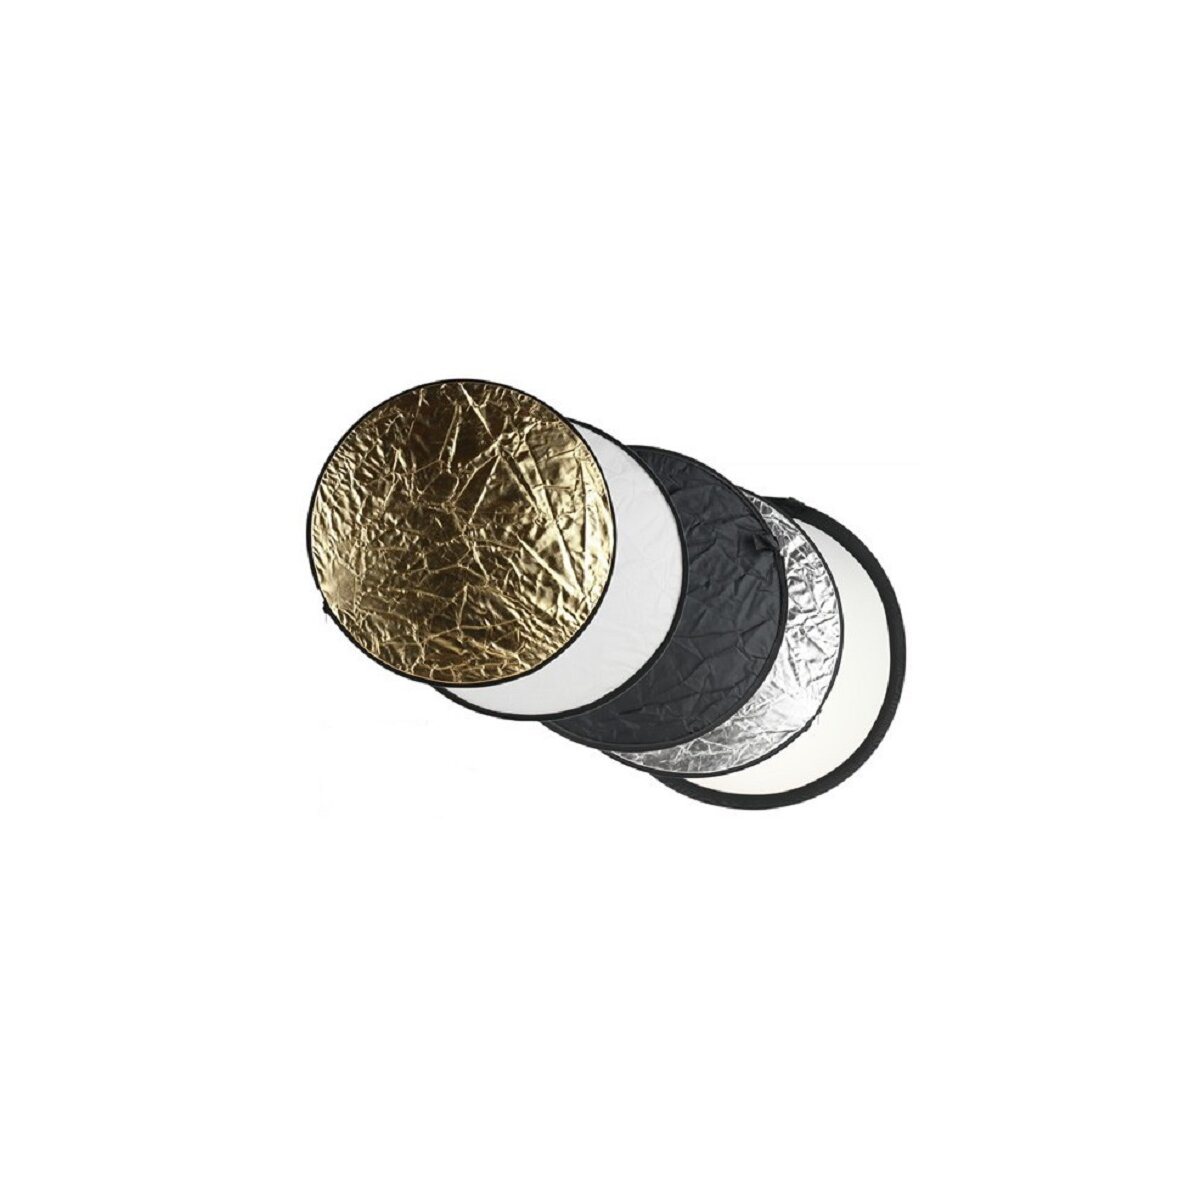 5in1 Faltreflektoren Set - ca. 55cm - gold, silber, schwarz, weiß und Diffusor